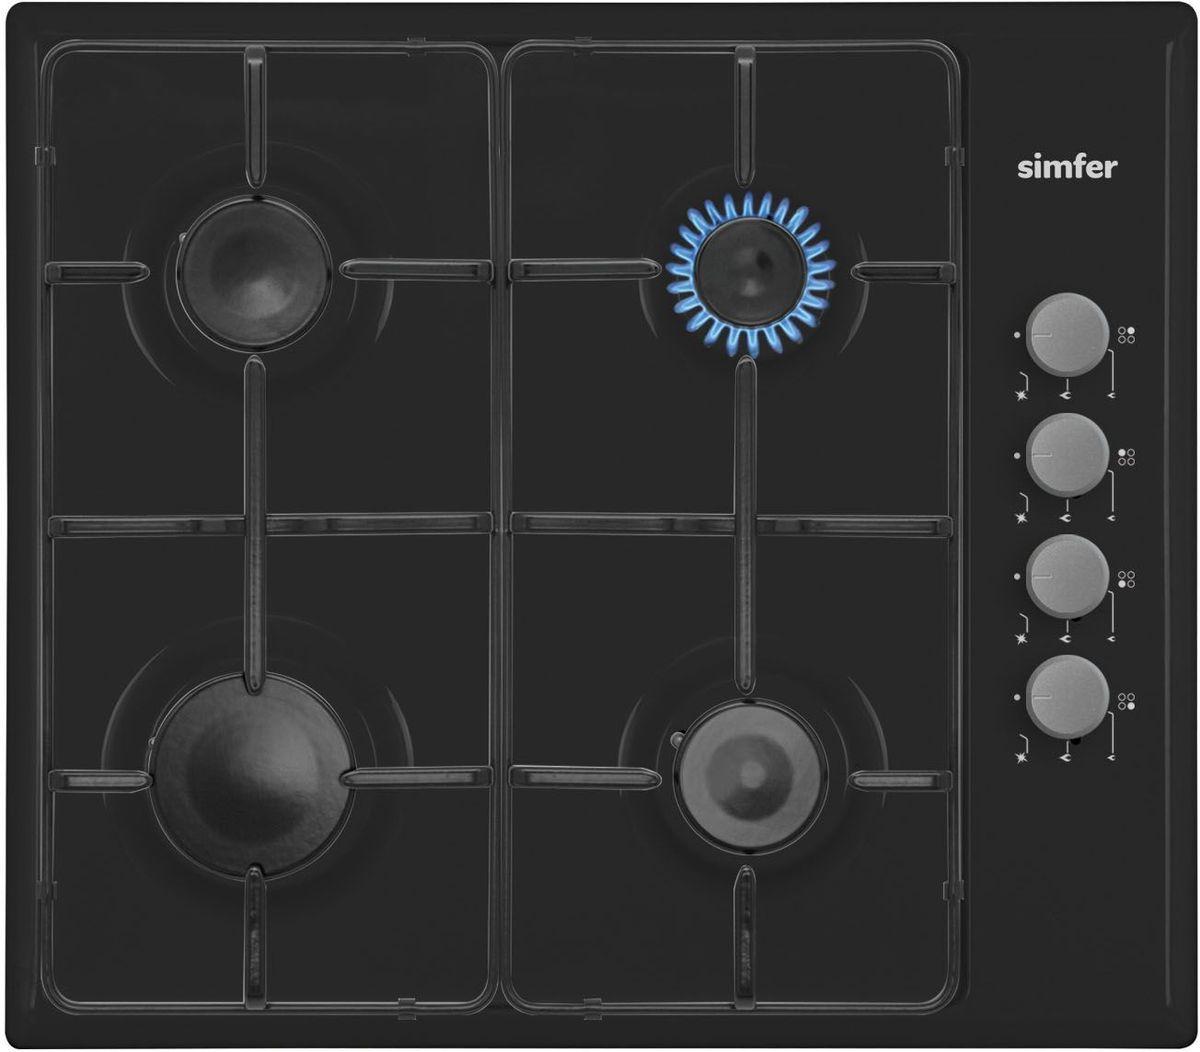 Simfer H60Q40B411 панель варочная газоваяH60Q40B411Газовая варочная панель Simfer H60Q40B411 с чистым пламенем доведет вашу сковороду до нужной температуры без всяких задержек. Включите её и всё днище сковороды будет моментально нагрето. Благодаря идеальному расположению панели управления и индикатора уровня мощности прямо спереди этой варочной панели, любой повар, будь он левша или правша, сможет пользоваться ими с одинаковой лёгкостью. Газовая варочная поверхность Simfer H60Q40B411 упрощает приготовление и делает его безопаснее благодаря особой форме подставок, обеспечивающих абсолютную устойчивость посуды. Нет способа быстрее и удобнее для того, чтобы разжечь конфорку, чем автоподжиг варочной панели. Просто поверните ручку, чтобы открыть и зажечь газ одним плавным движением.